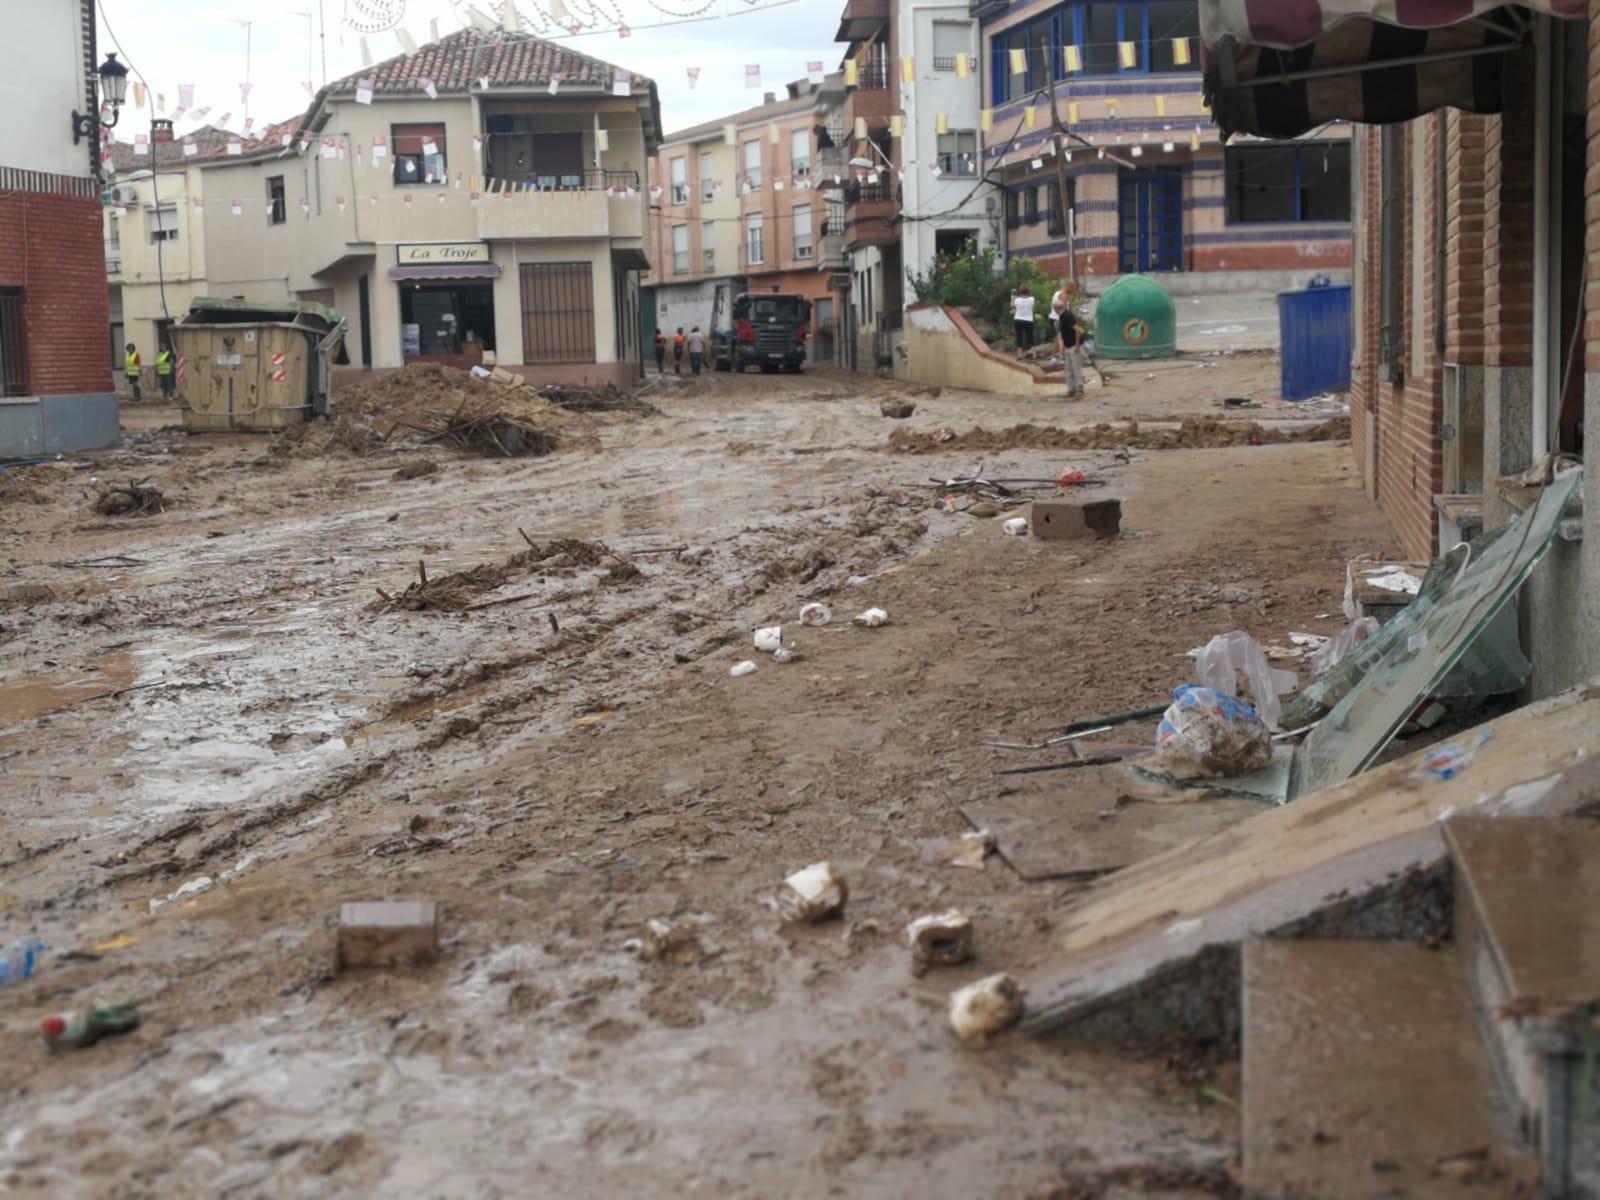 Los daños en Cebolla han sido graves y cuantiosos